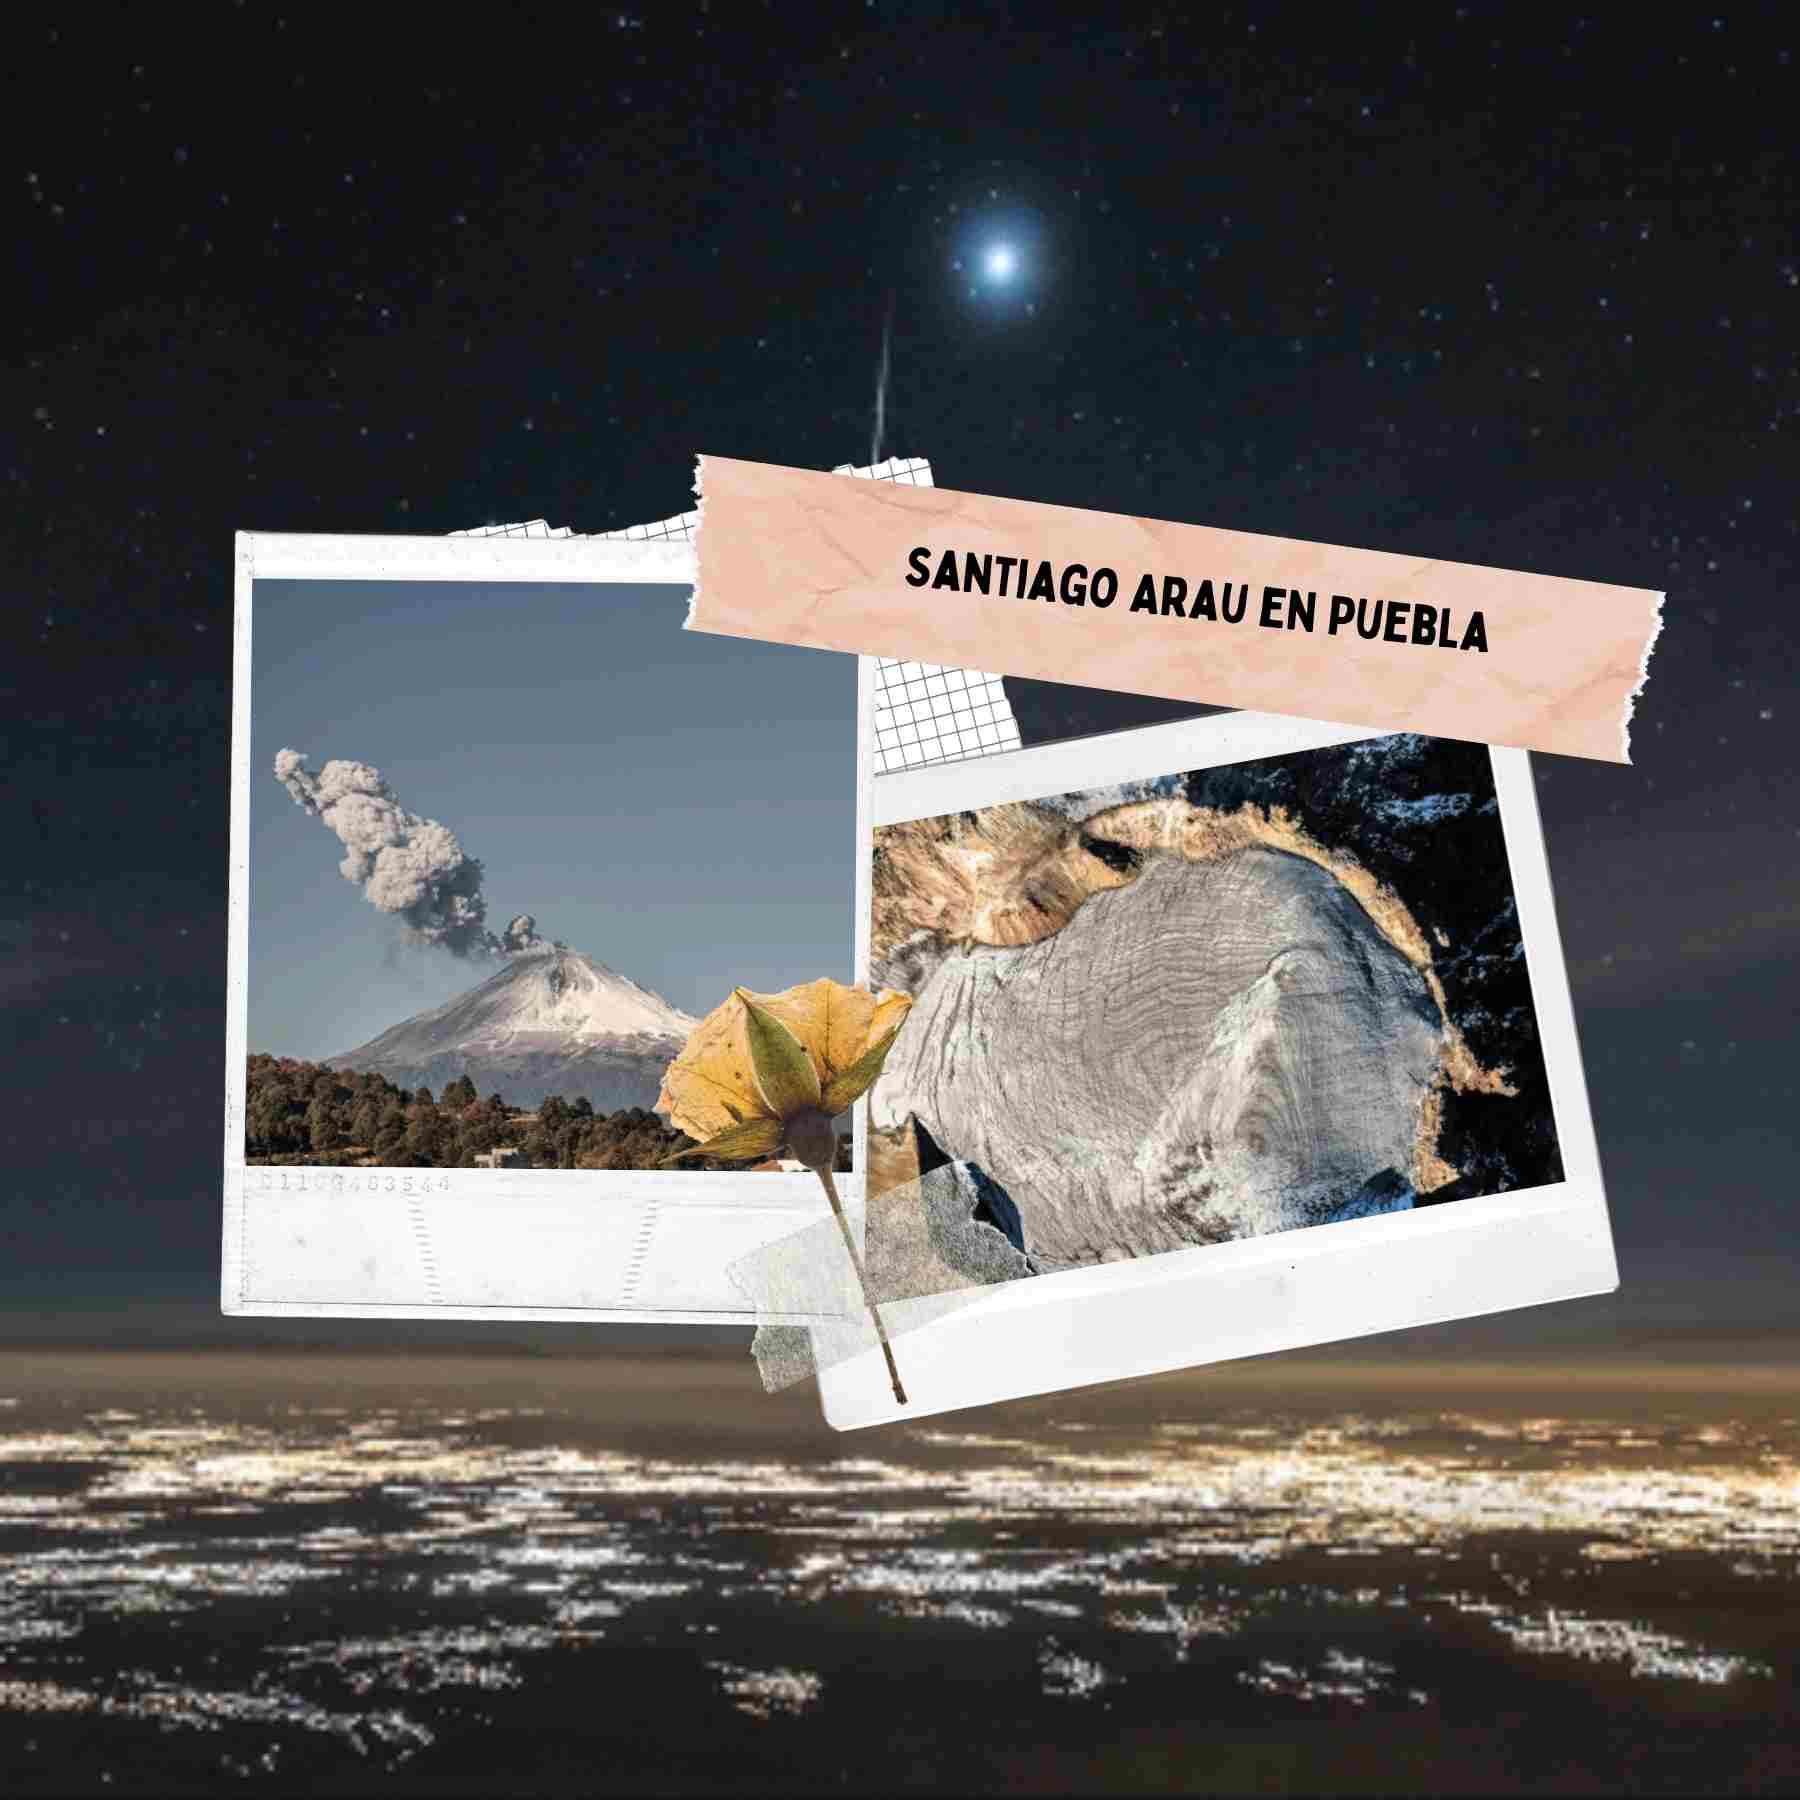 santiago arau